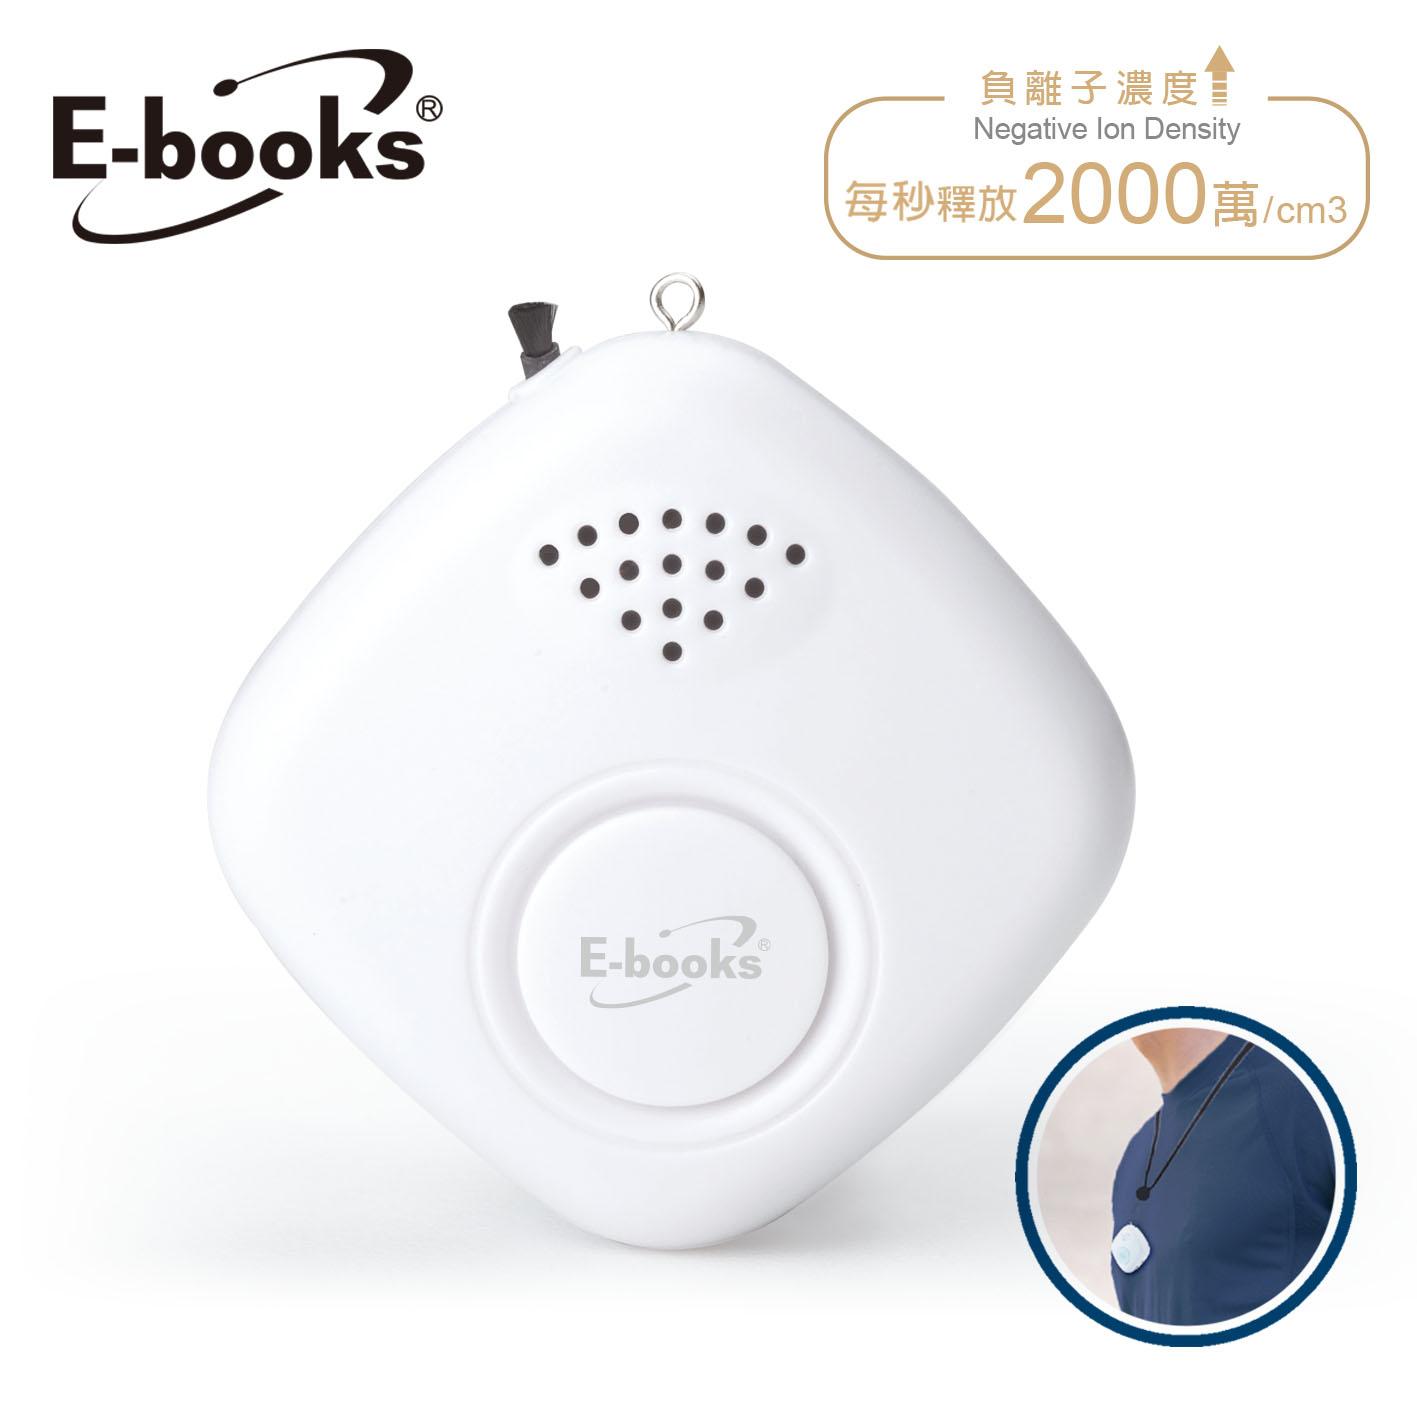 E-books O1 頸掛式負離子空氣清淨機